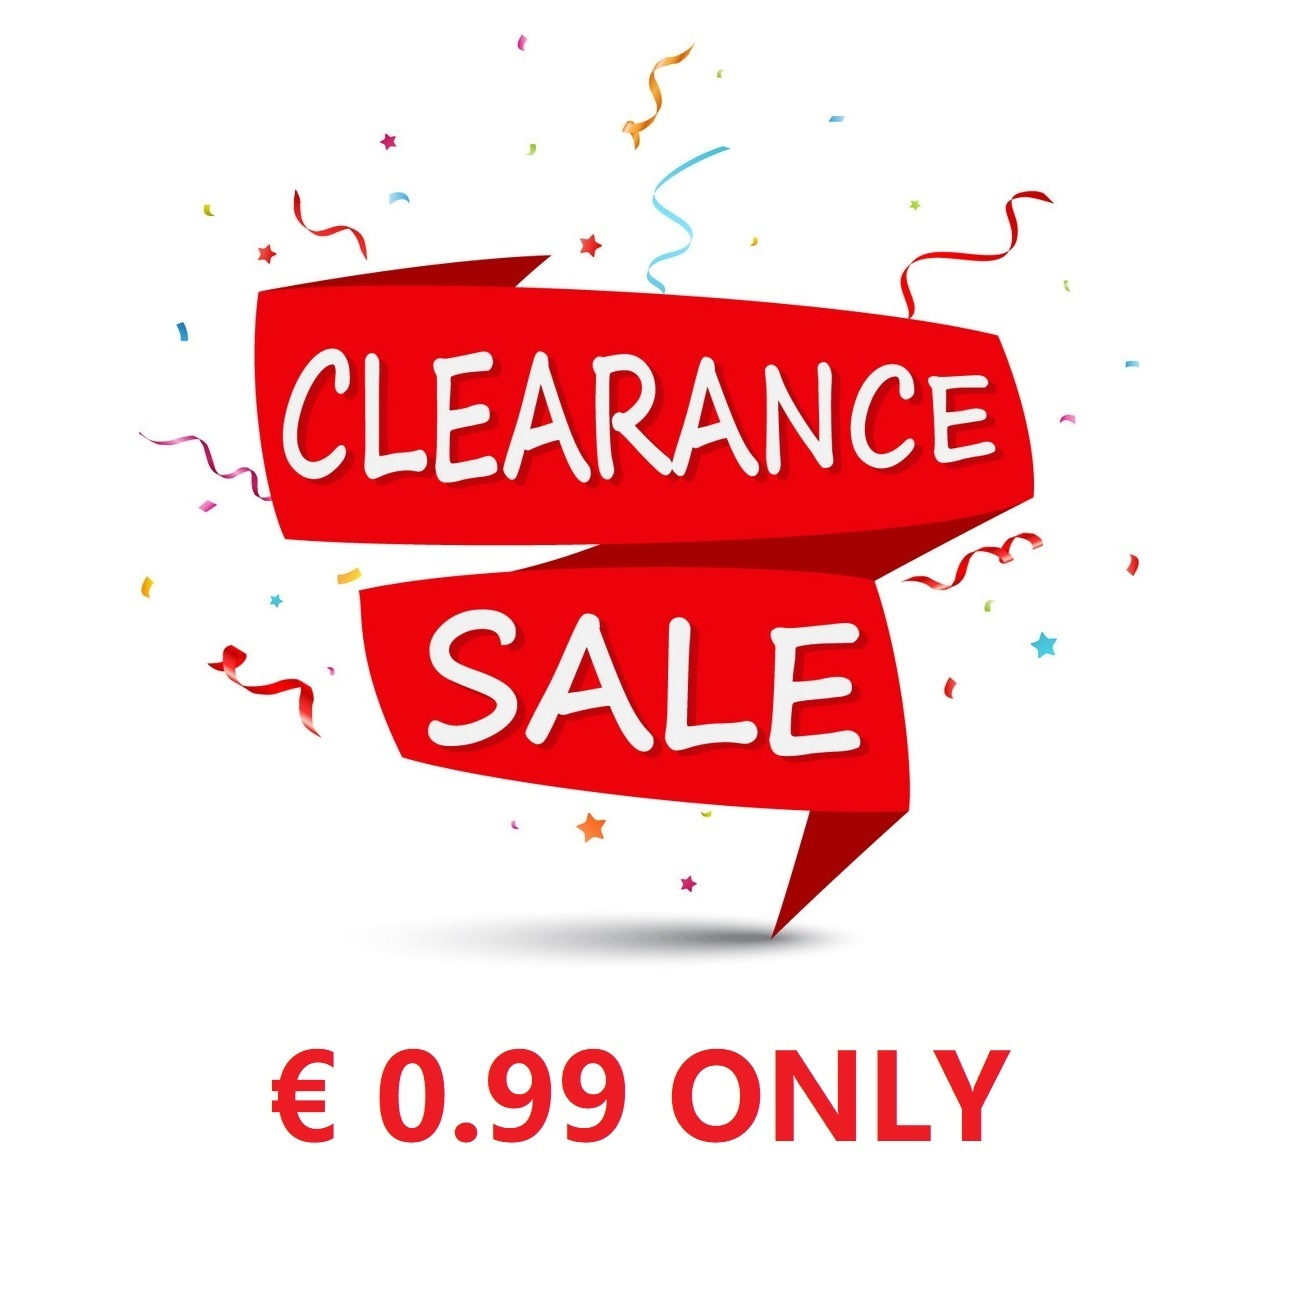 Clearance Sales 0.99 Only / Uitverkoop 0,99 per stuk